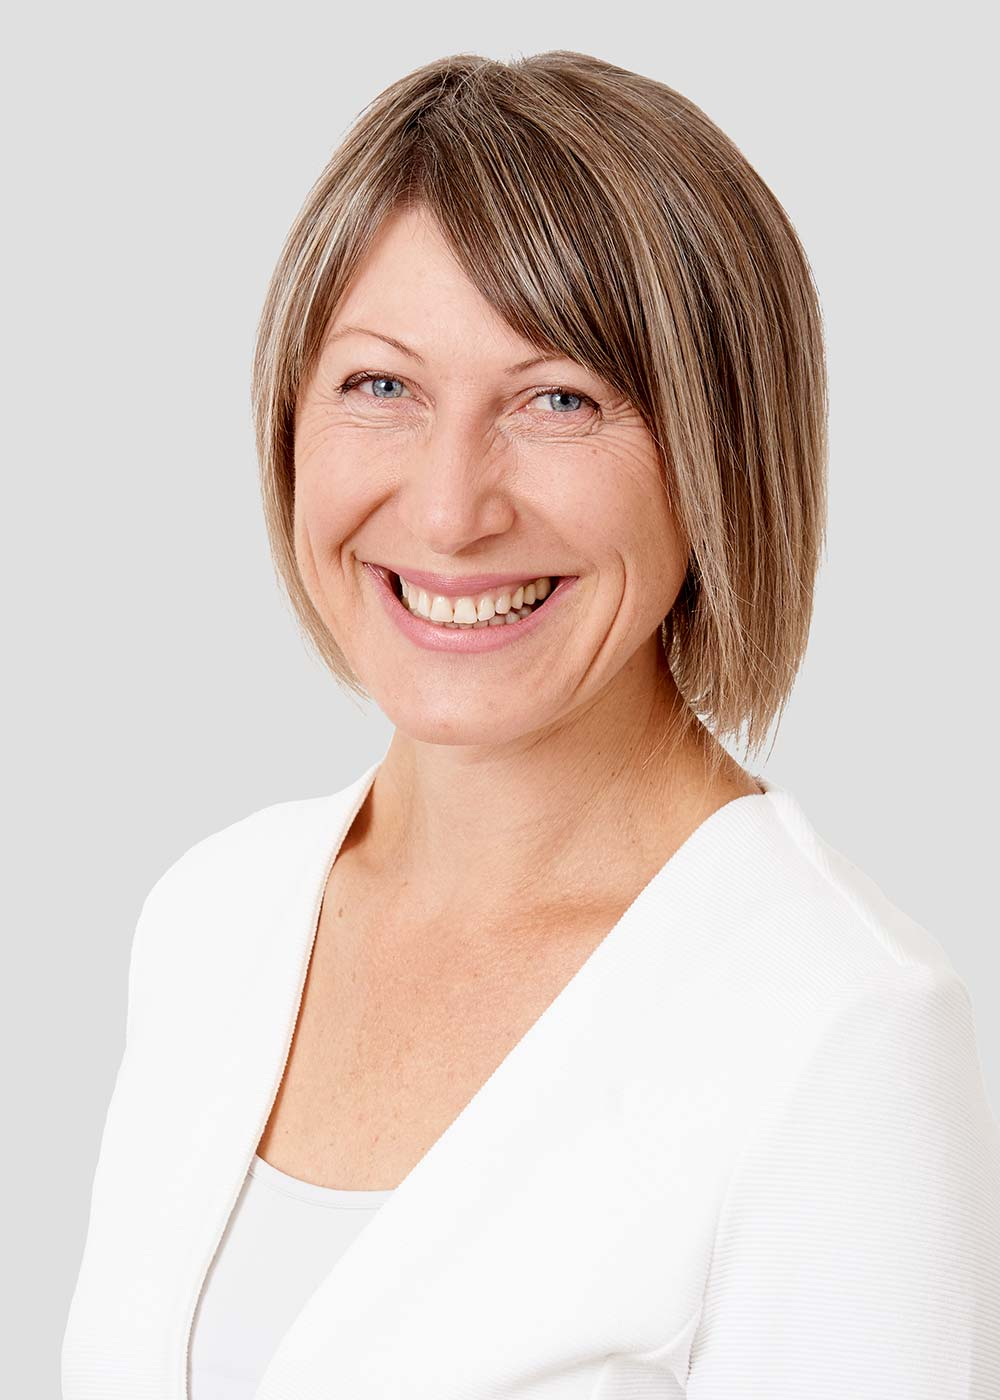 Nicoleta Pfeffer-Barbela, MSc